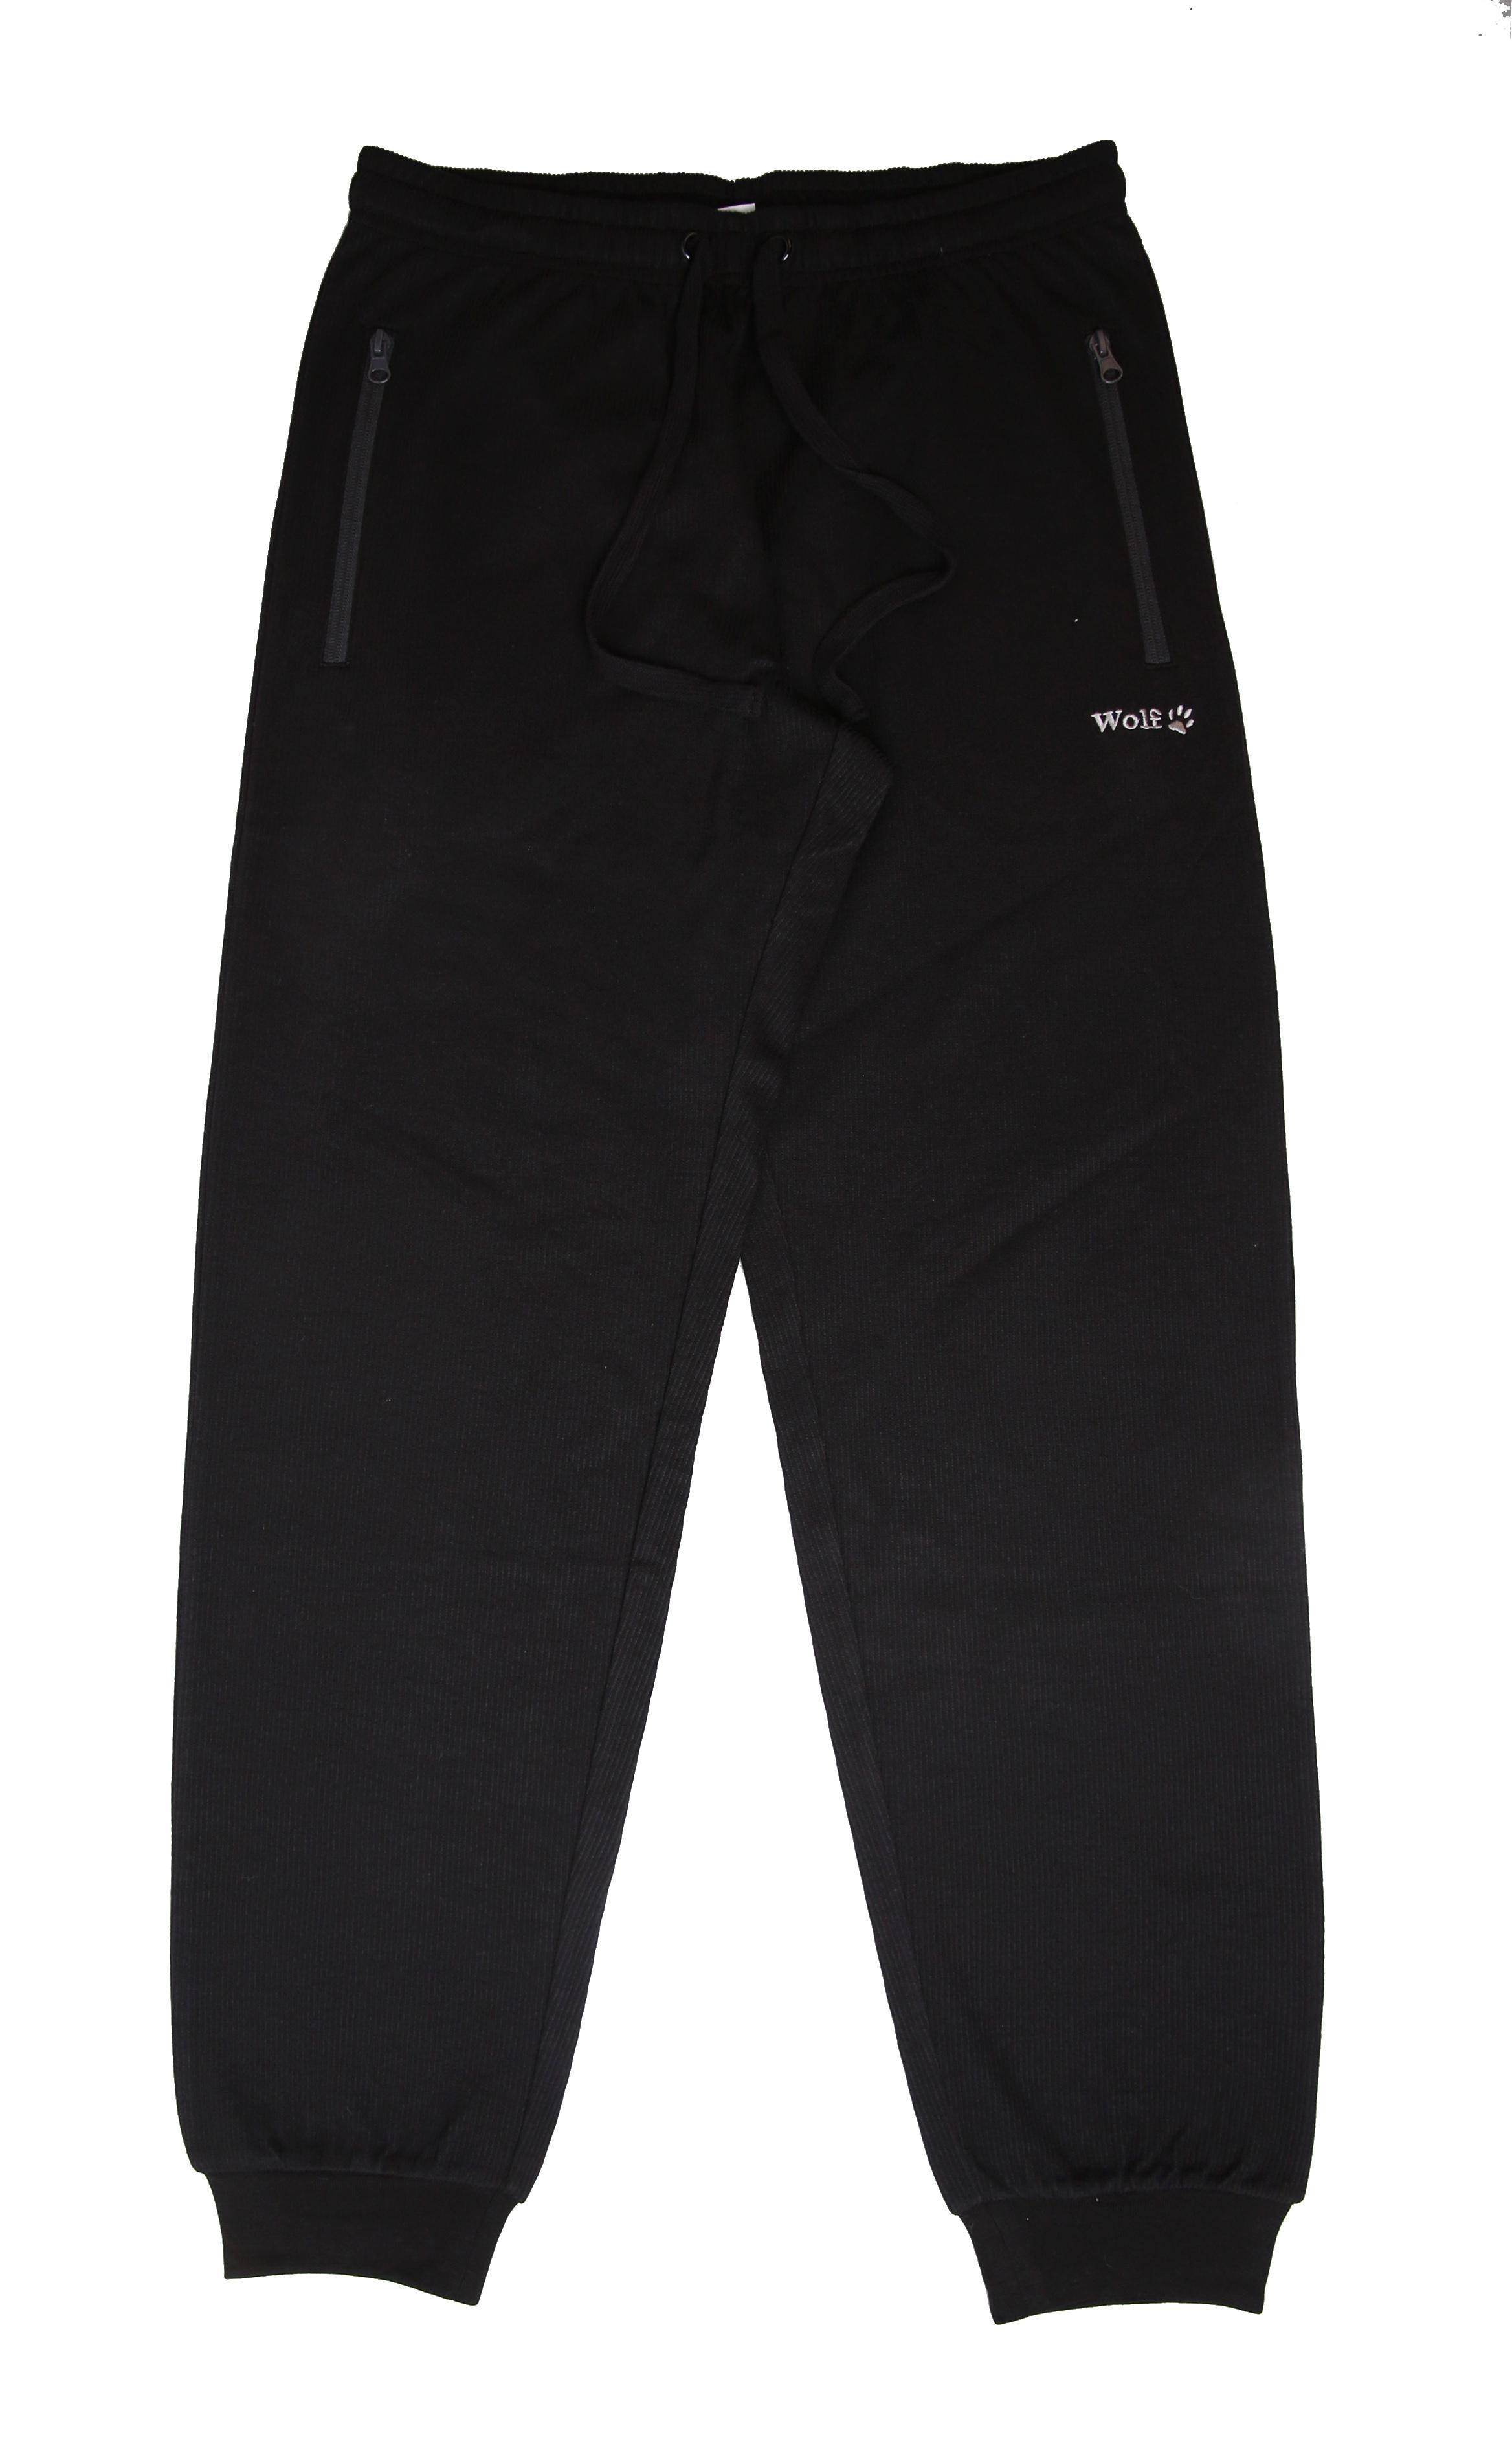 Pánské tepláky - Wolf T2175C, černá Barva: Černá, Velikost: L